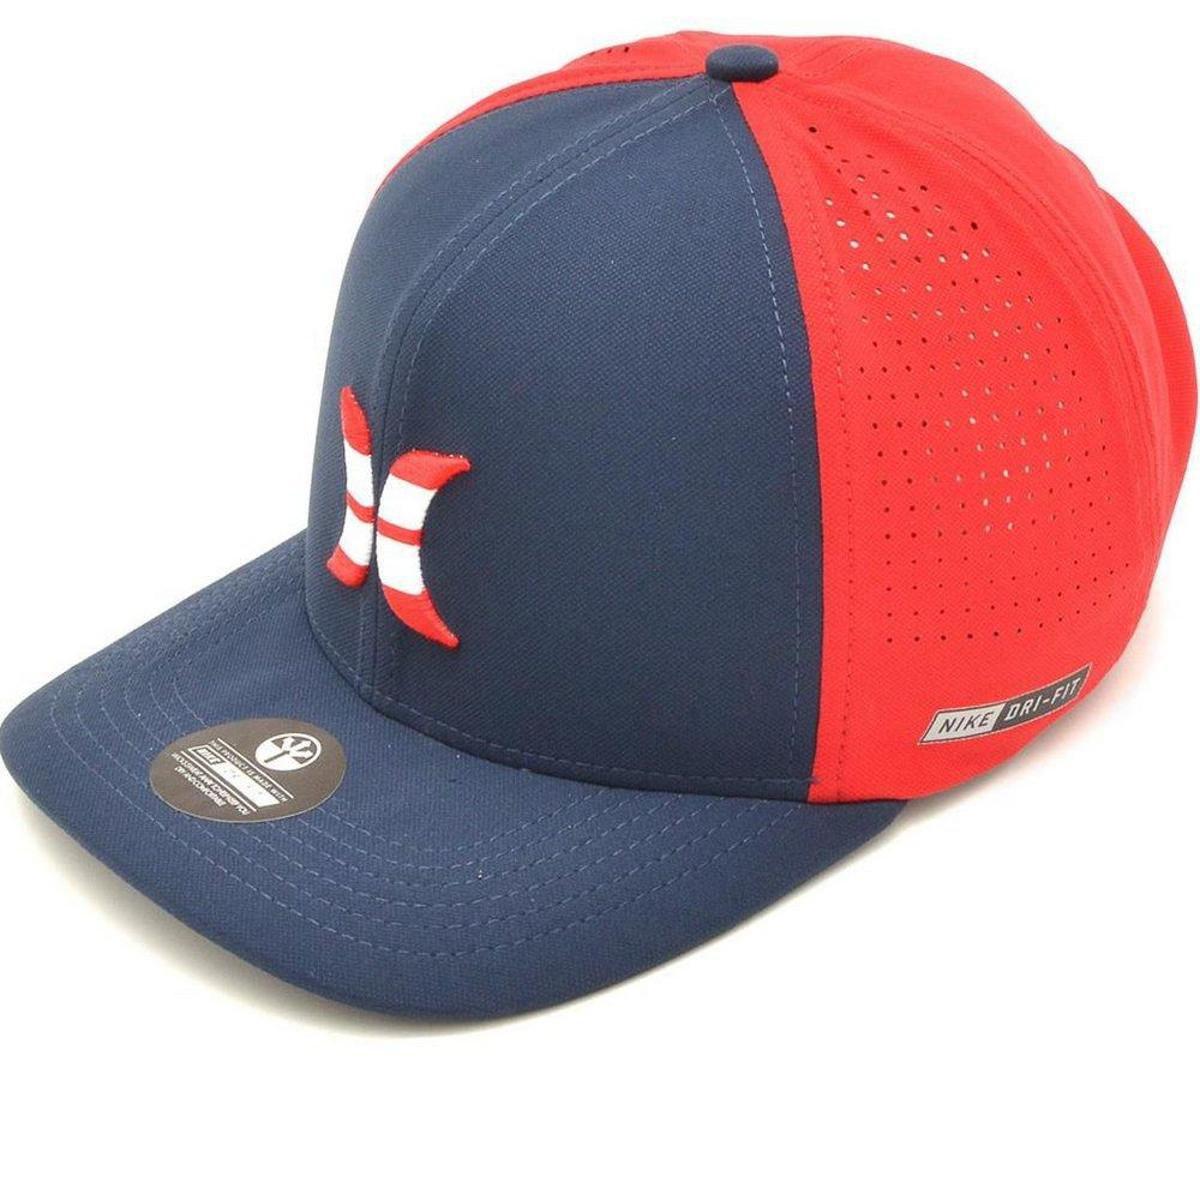 ... Boné Hurley American Dri Fit - Azul e Vermelho - Compre Agora Netshoes  99160d8f0de4e1 ... 1cdd9c2db9